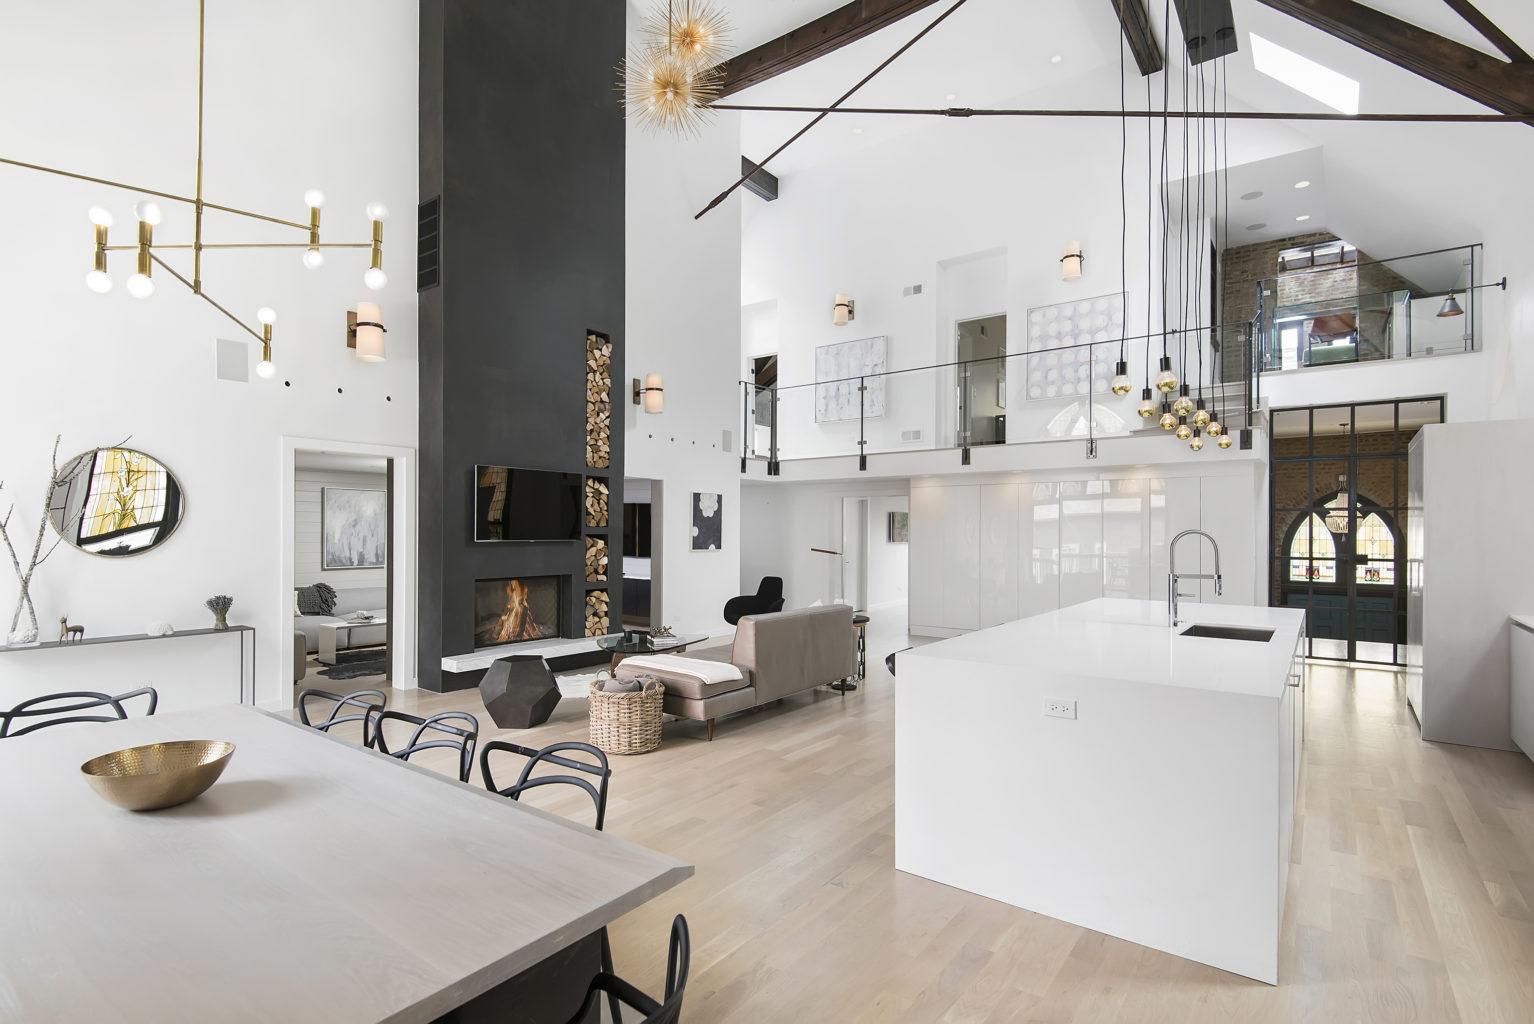 Дизайн интерьера кухни. Индустриальный лофт.